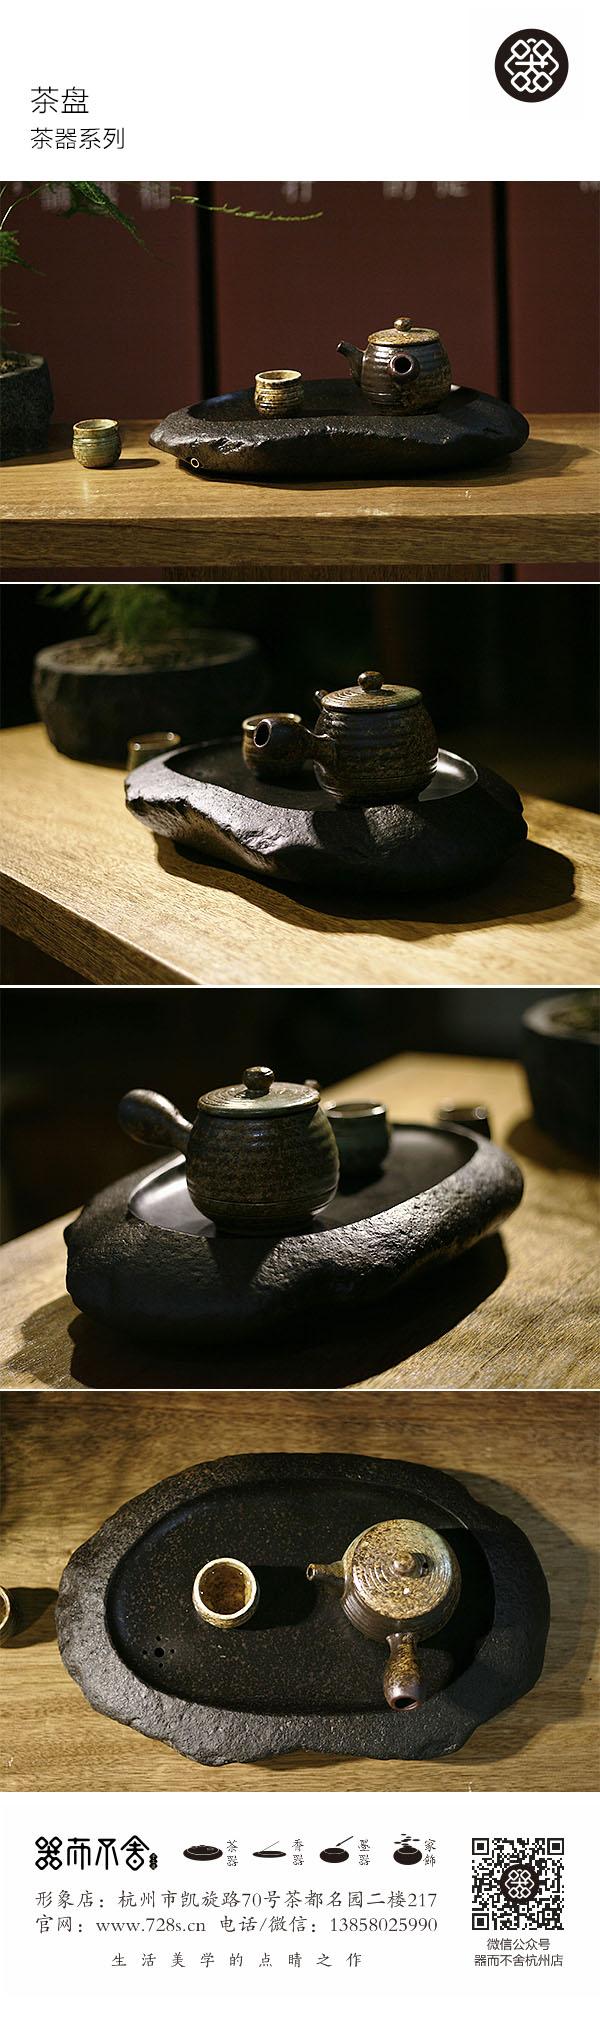 茶器展示05.jpg